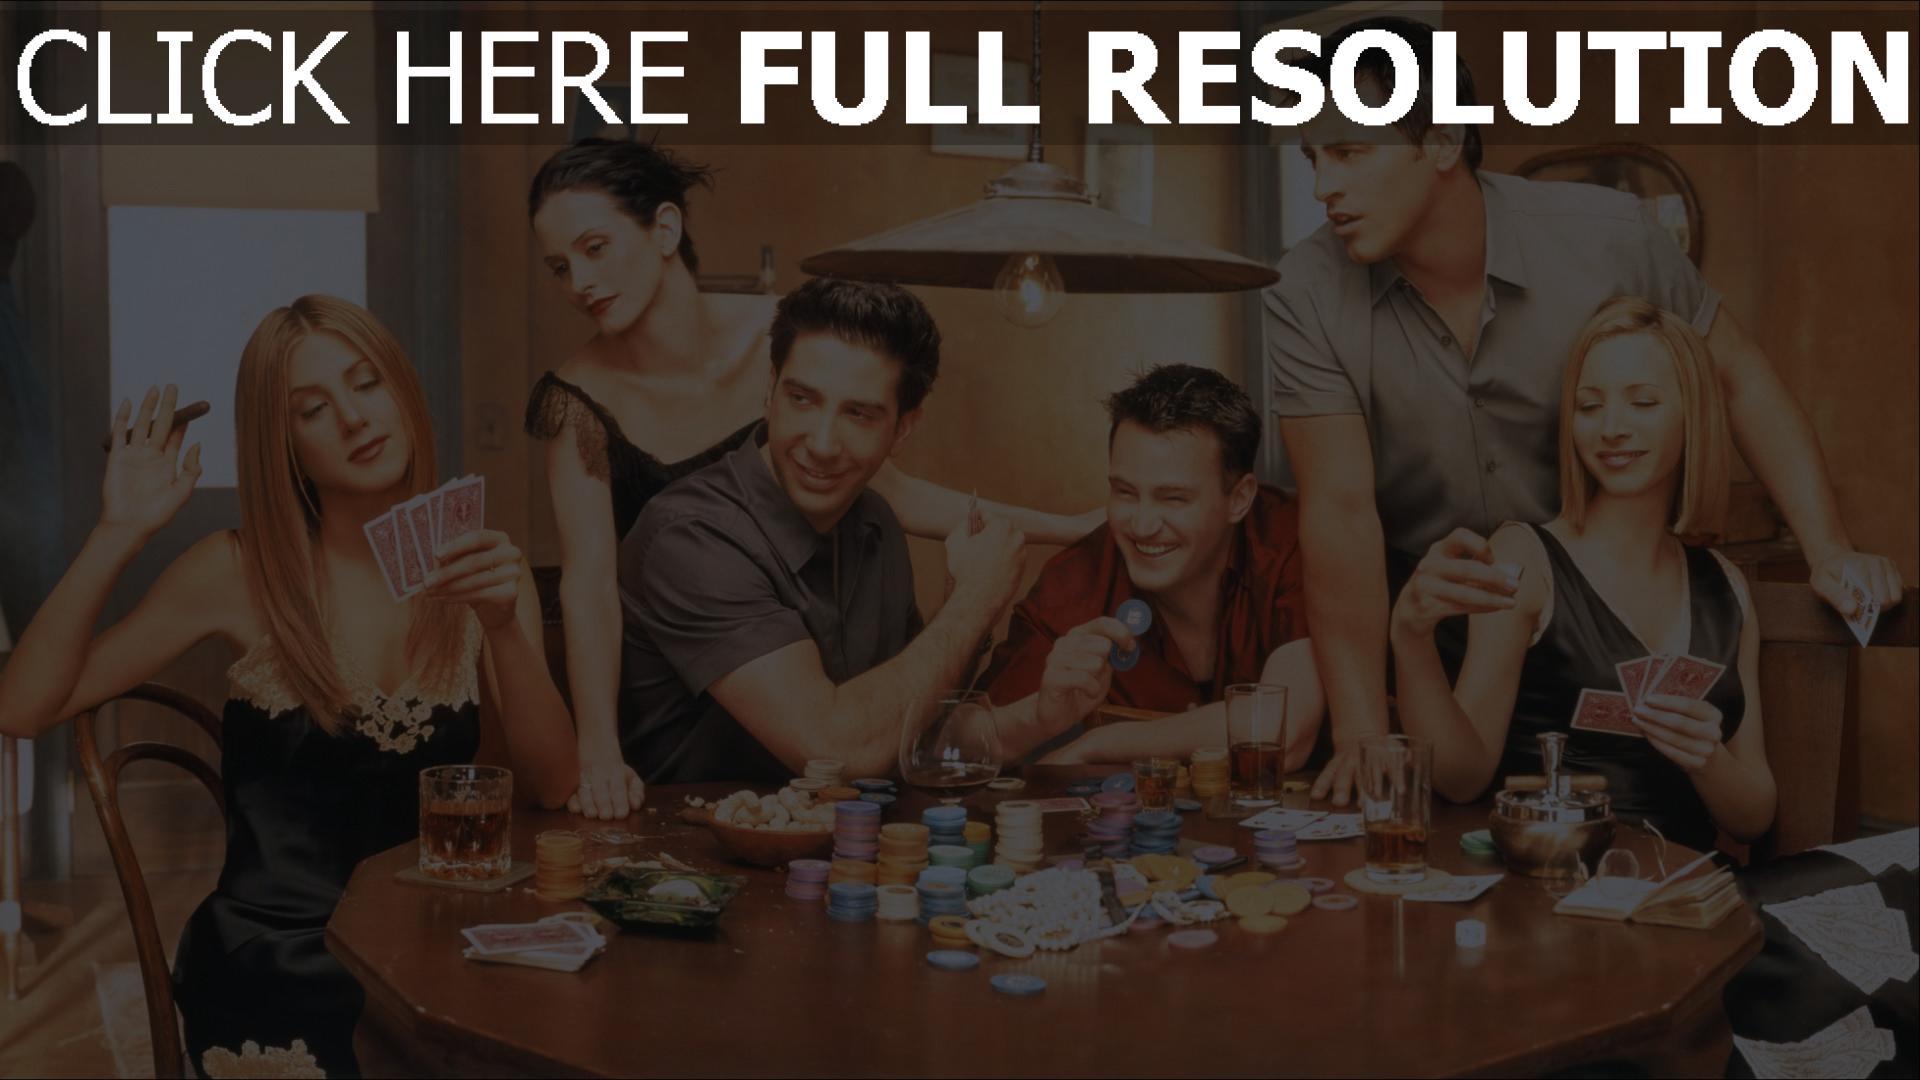 Hd Hintergrundbilder Joey Tribbiani Poker Rachel Green Chandler Bing